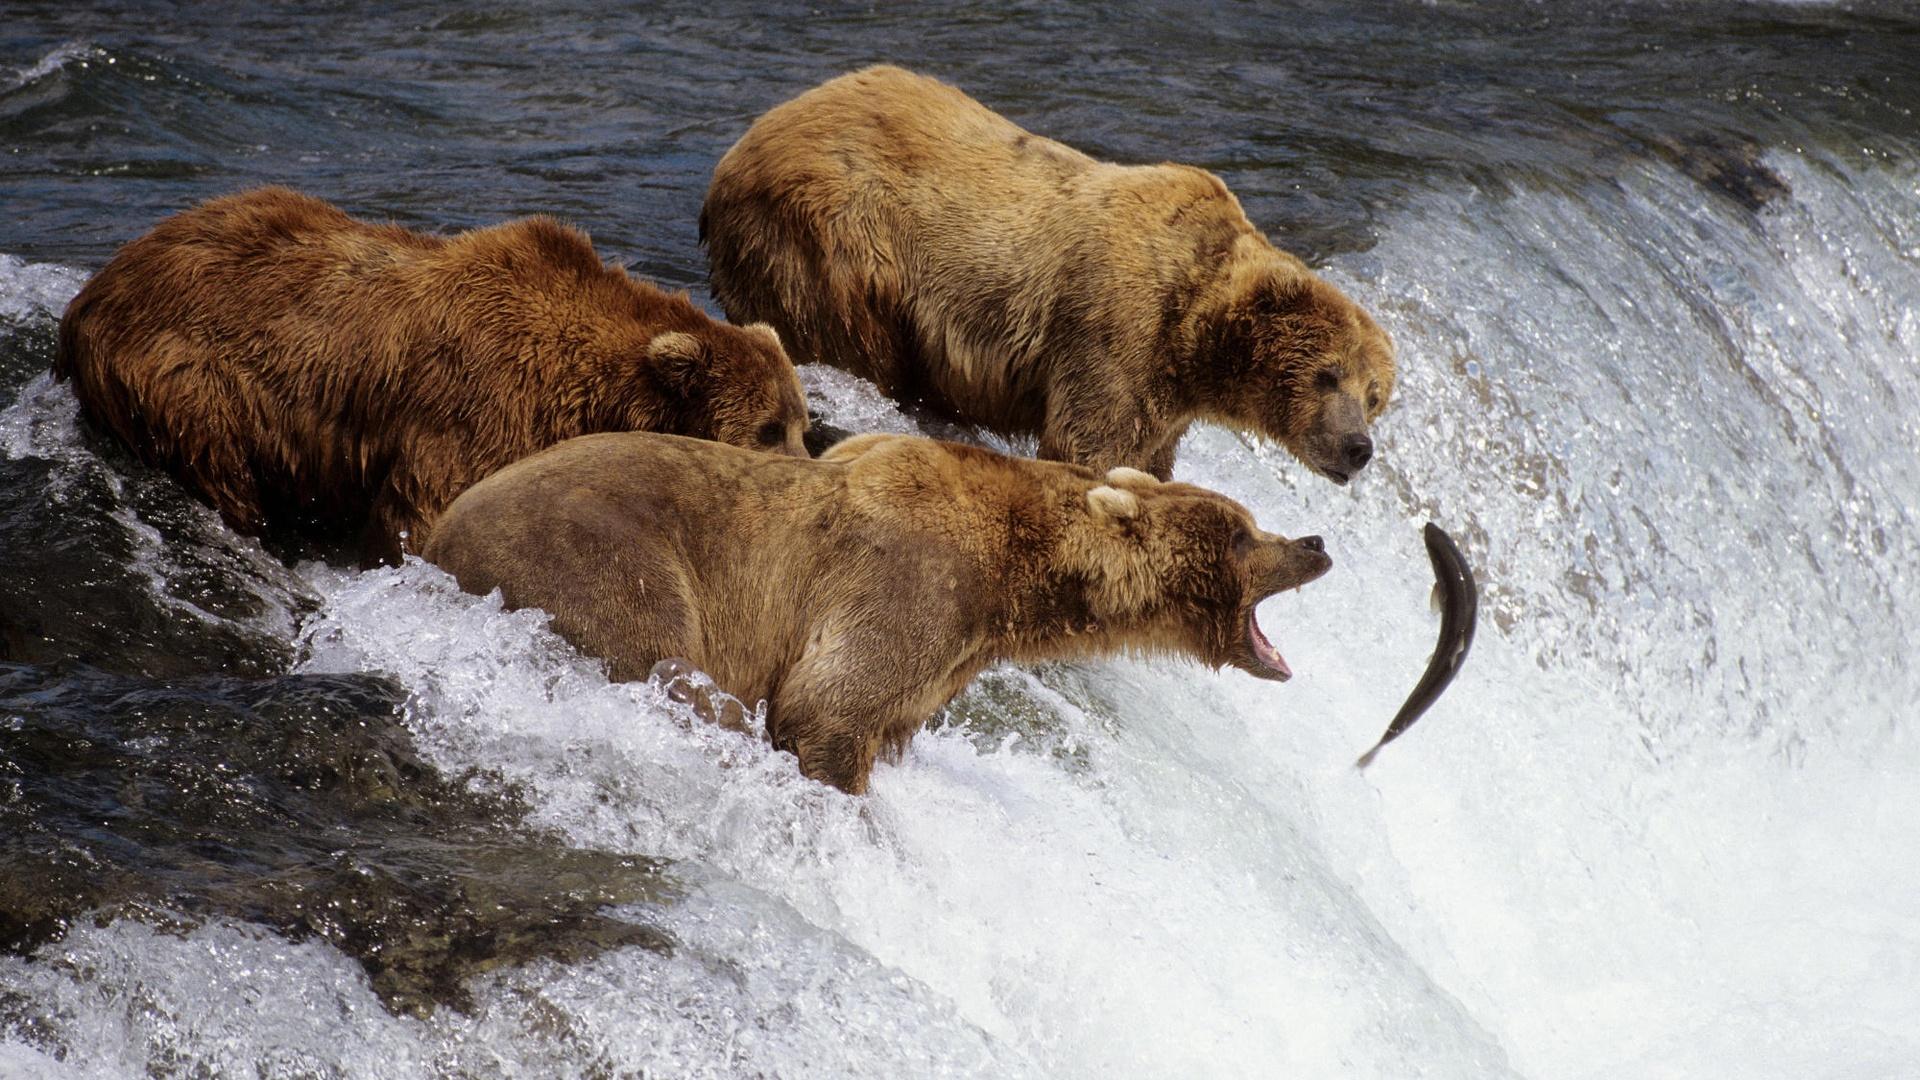 魚を捕ろうとする3匹の熊。